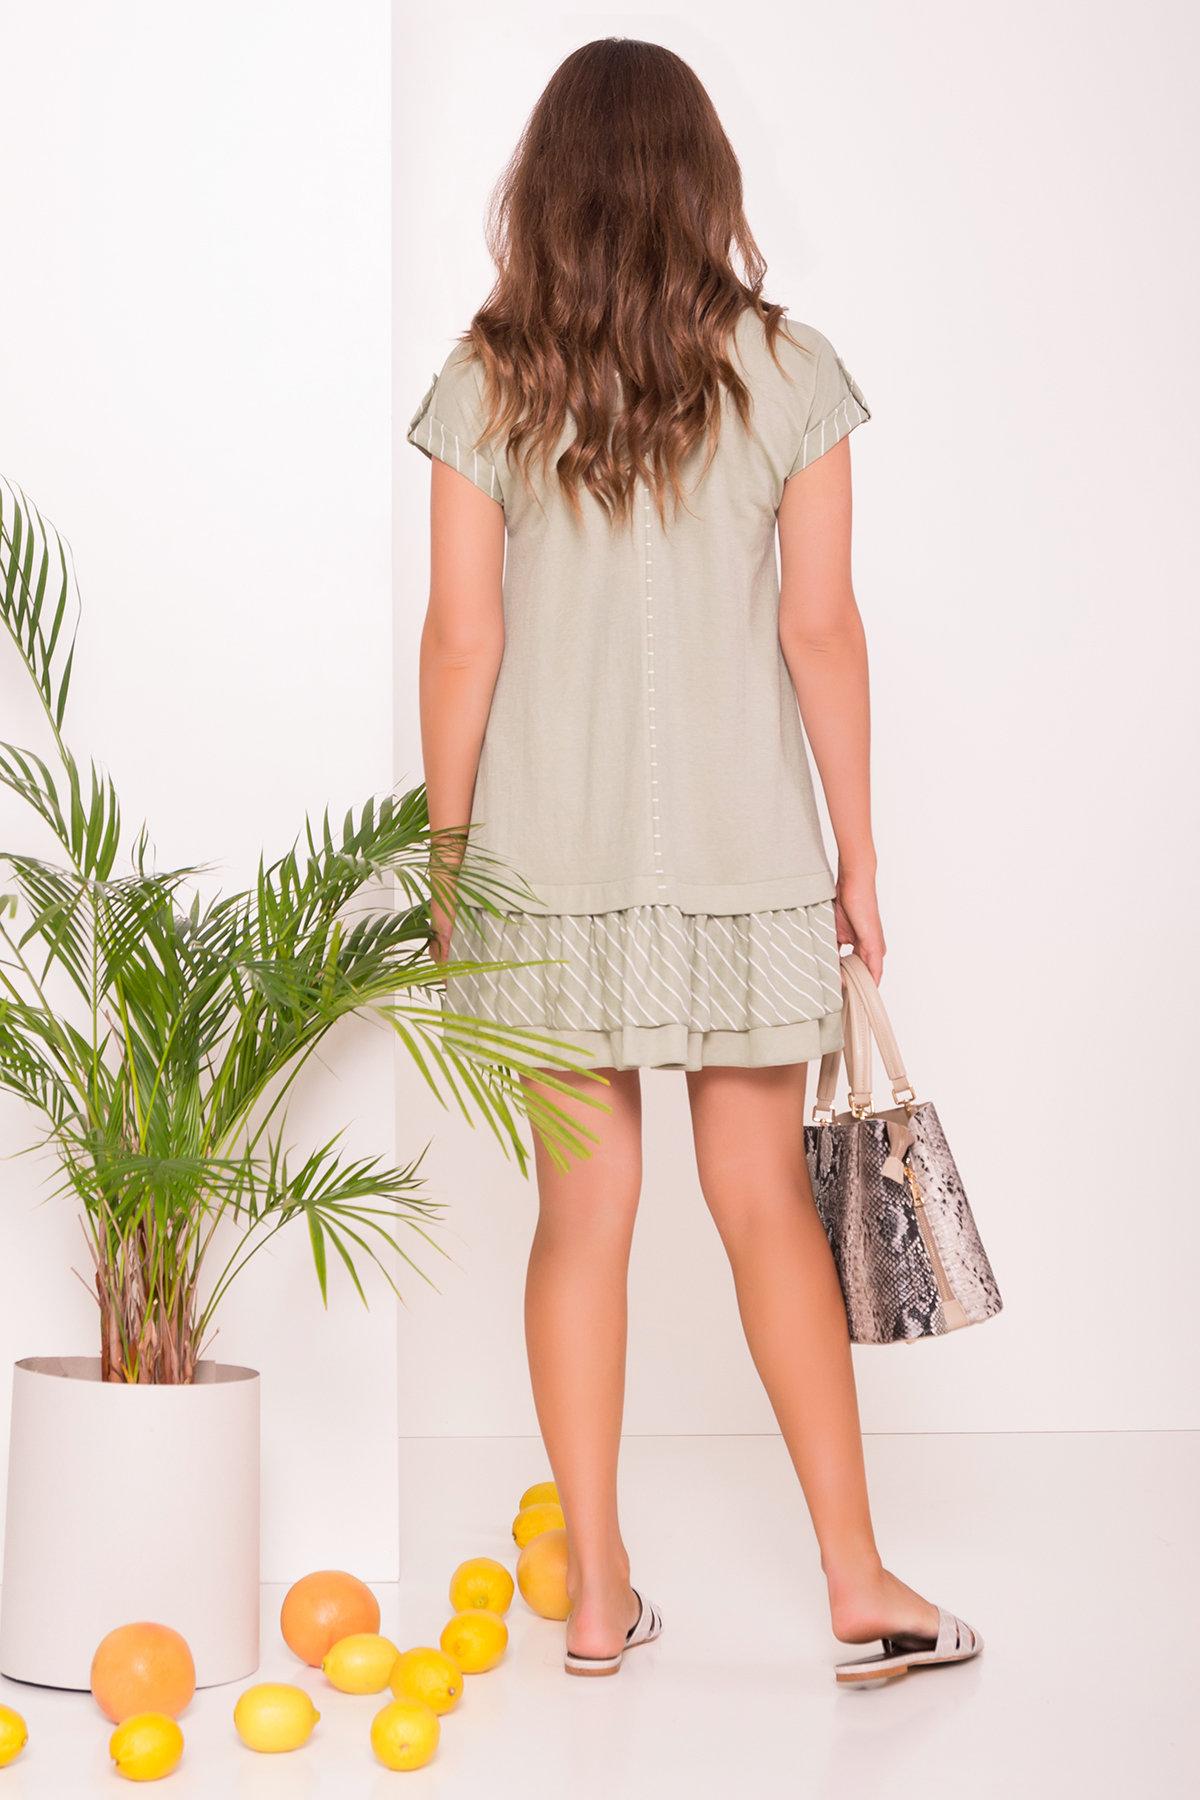 Легкое прямое Платье Шеги 7017 Цвет: Олива